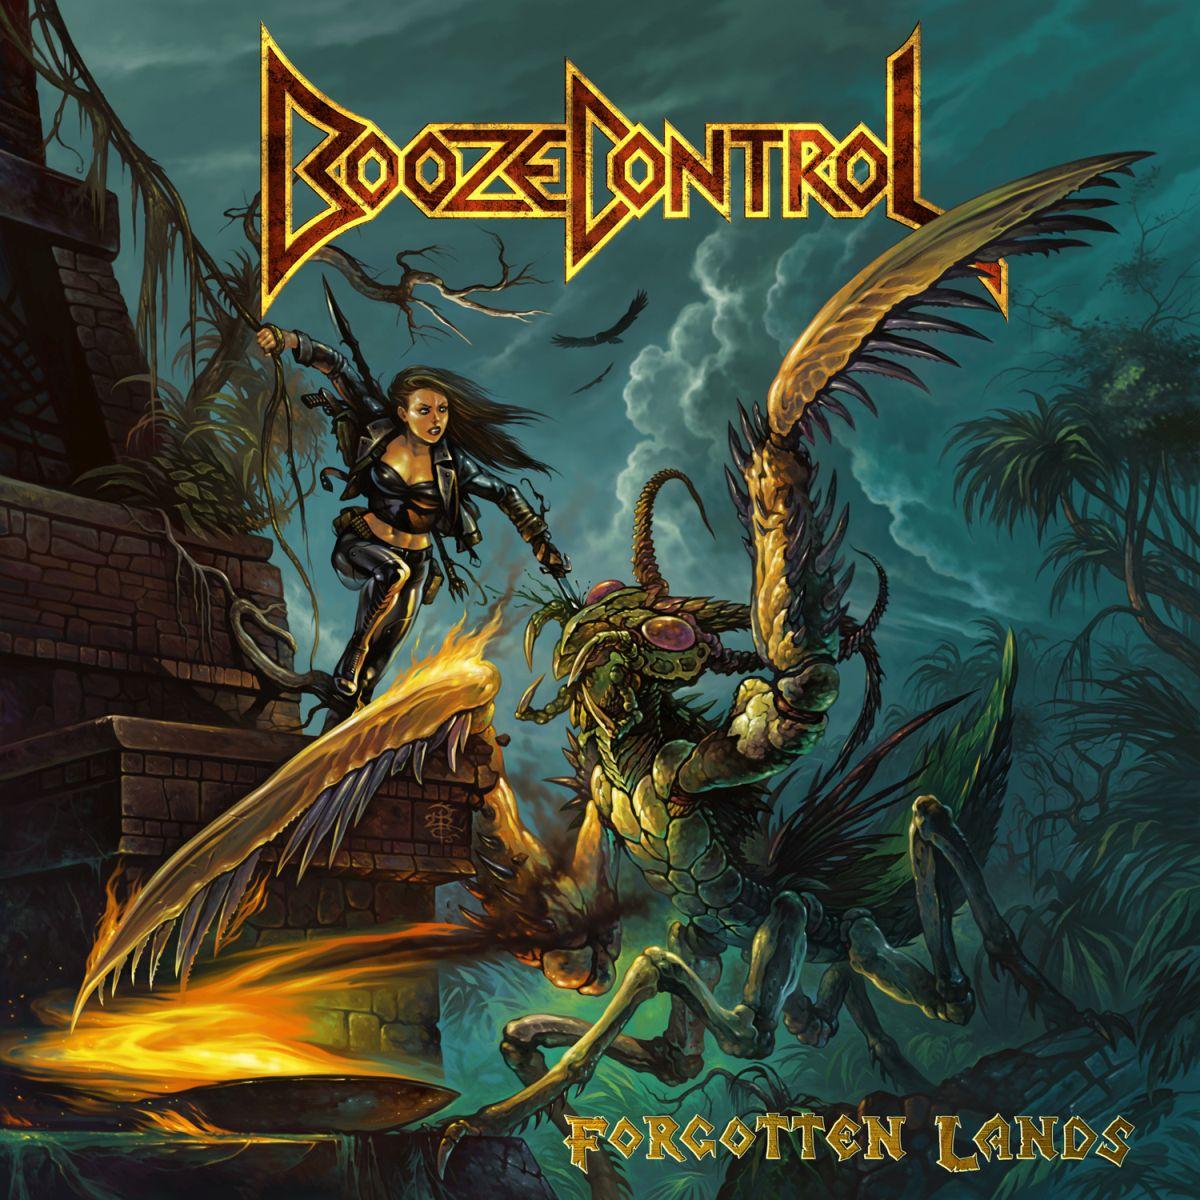 Booze_Control_Forgotten_Lands